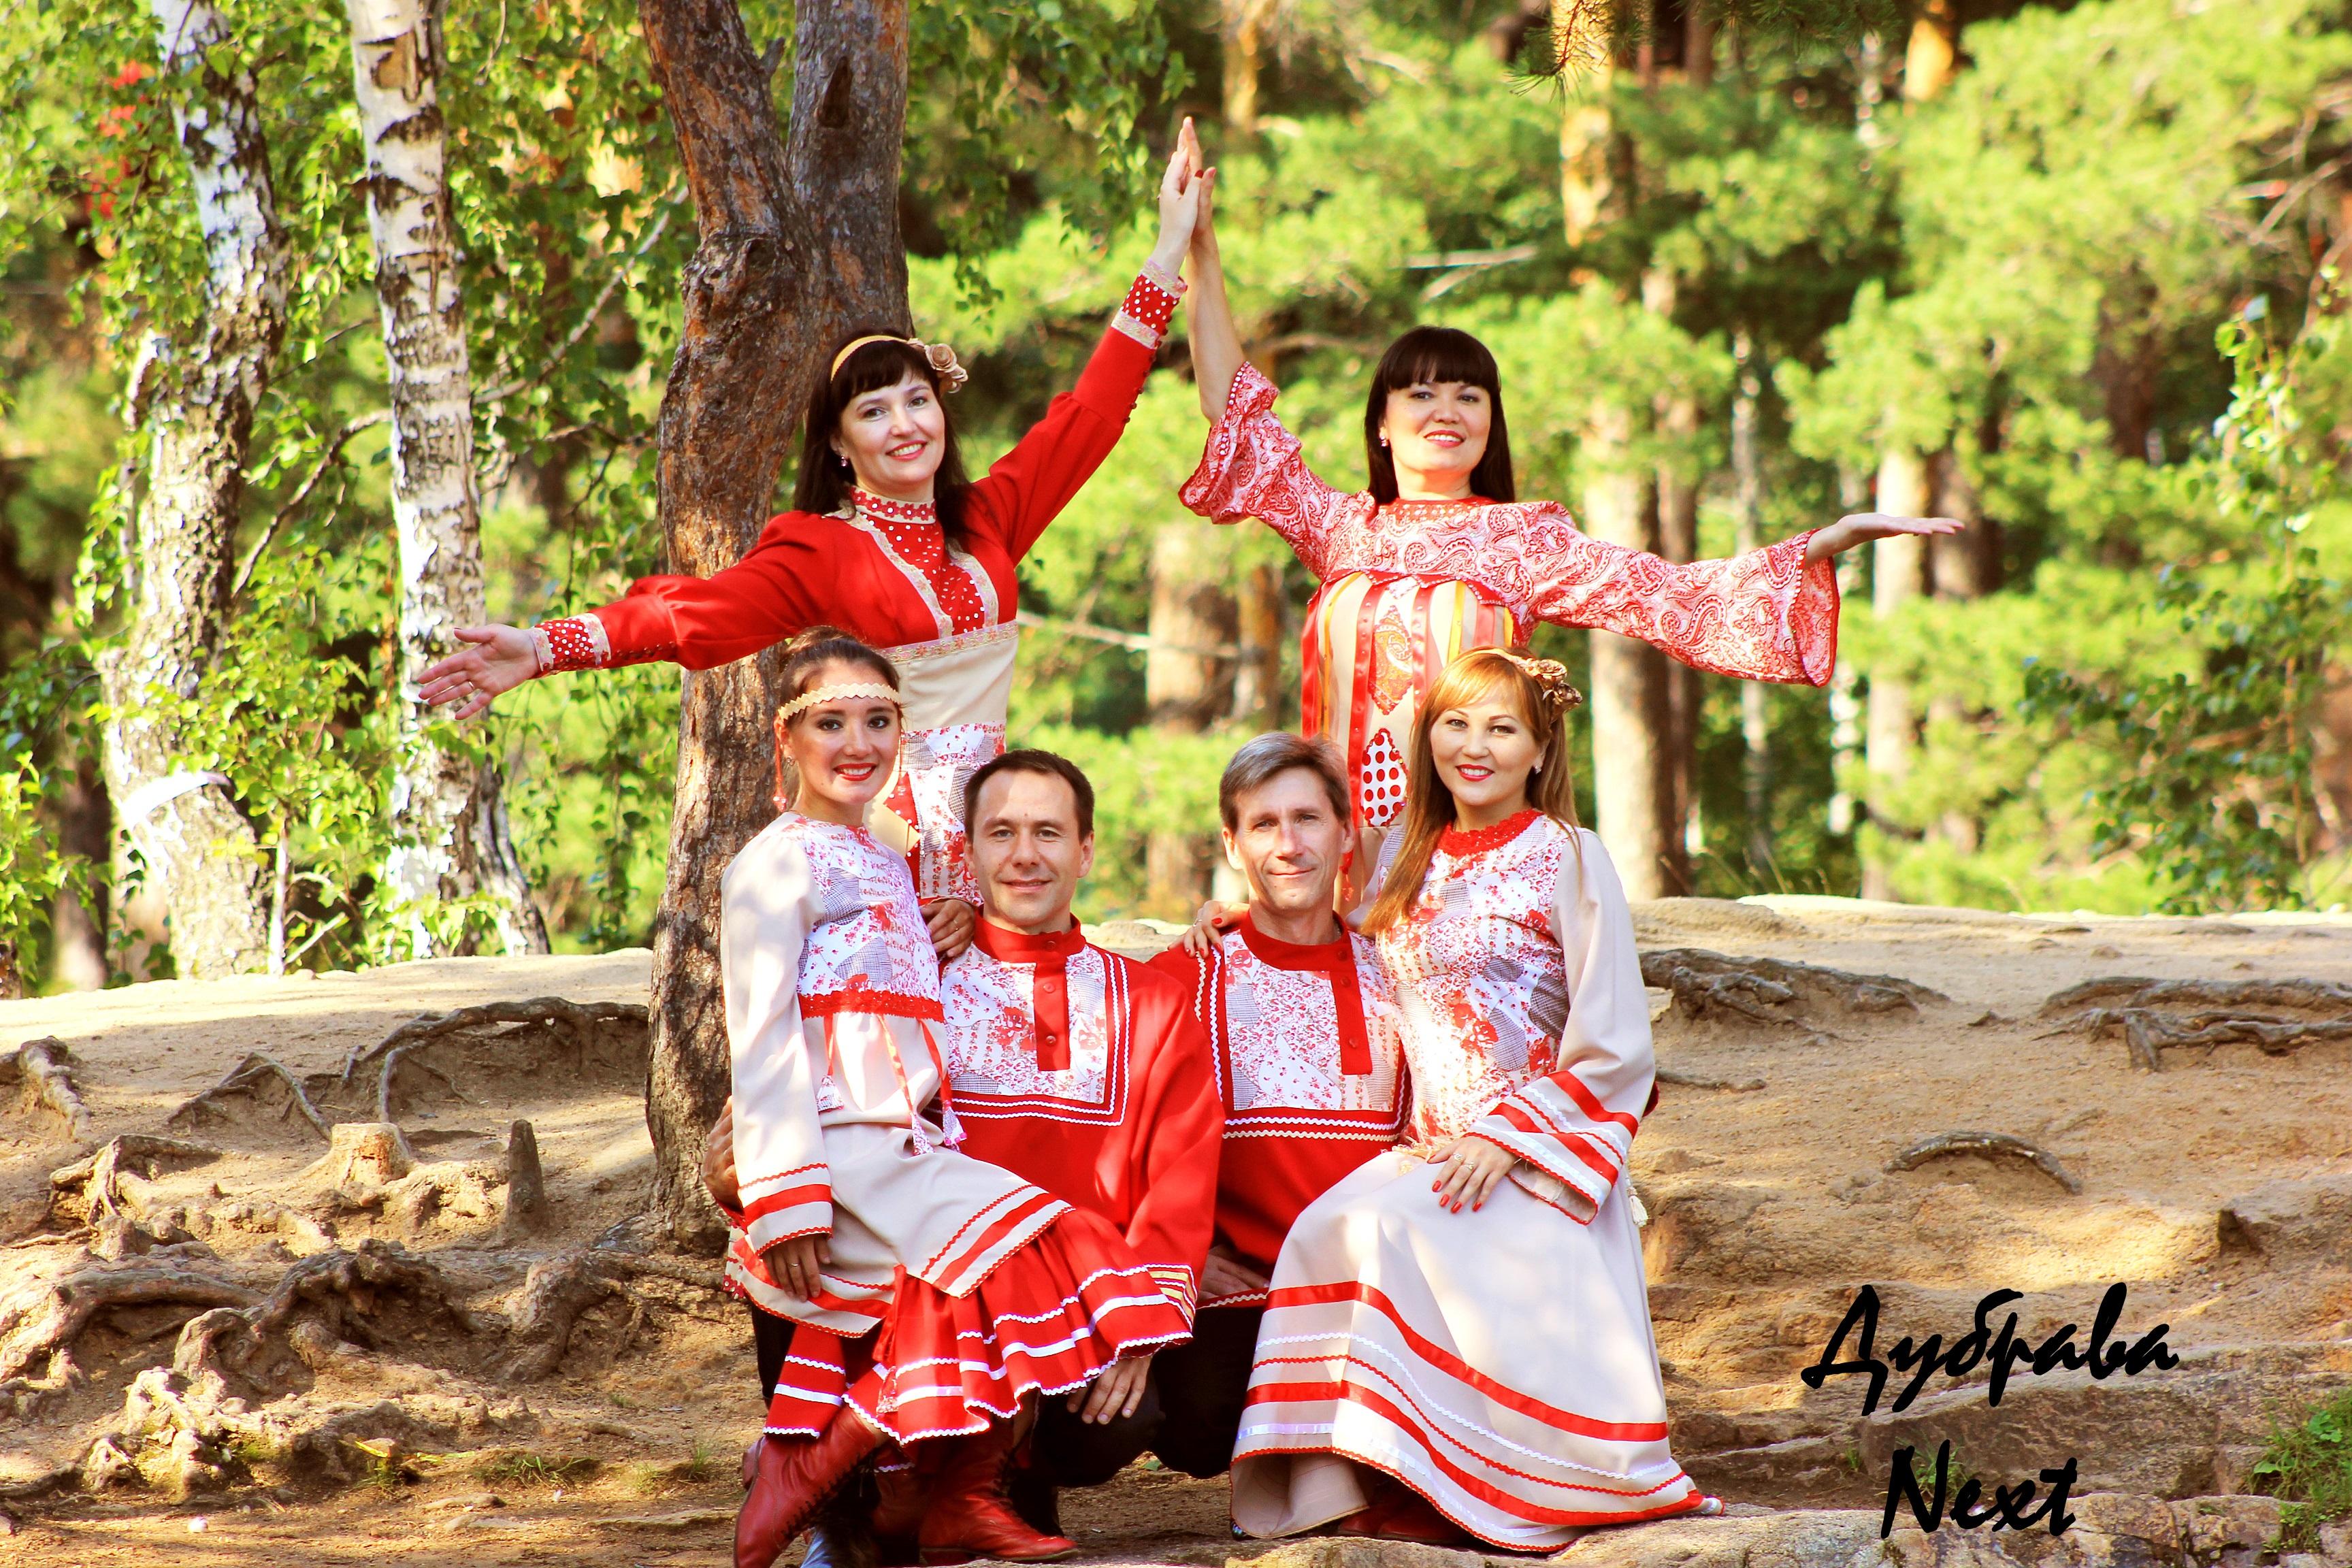 Фото Дубрава Next